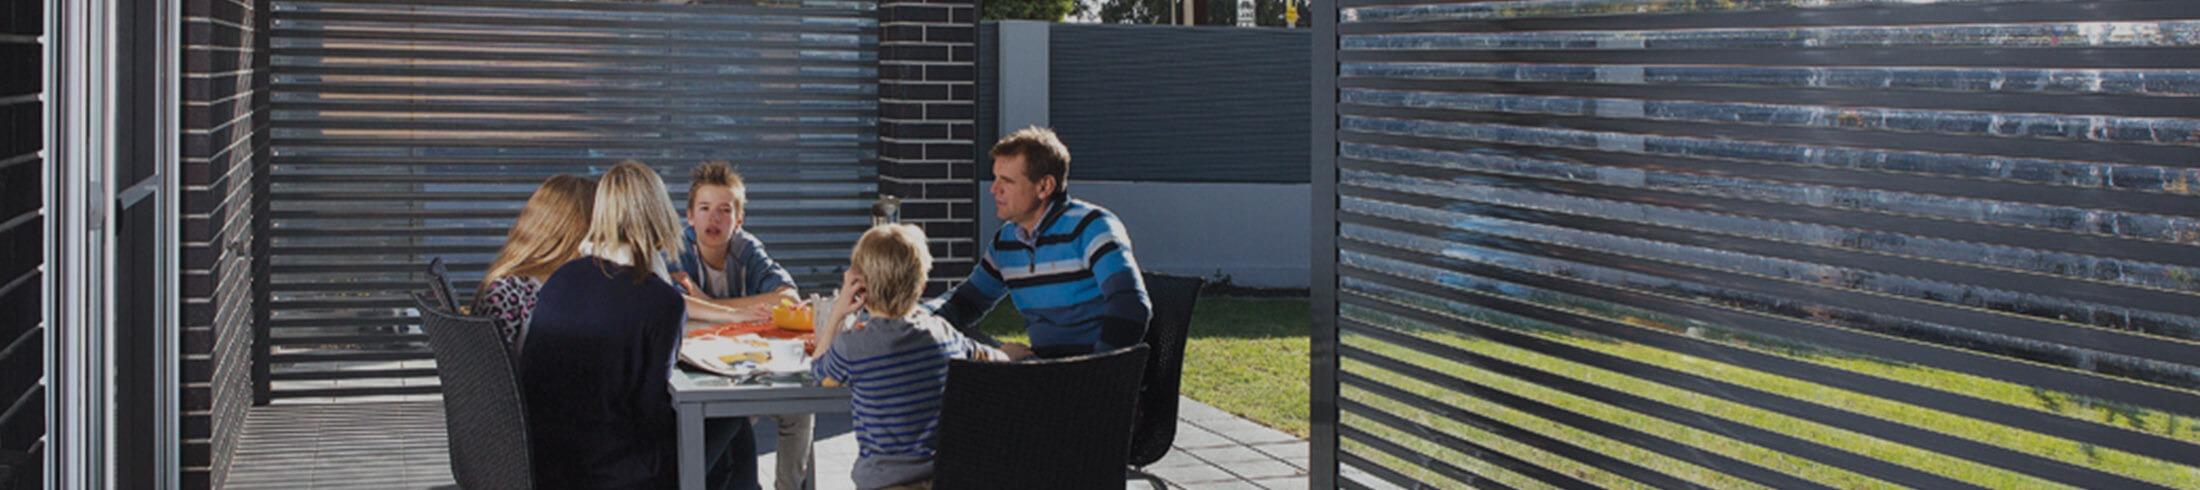 outdoor shutters easyview 02